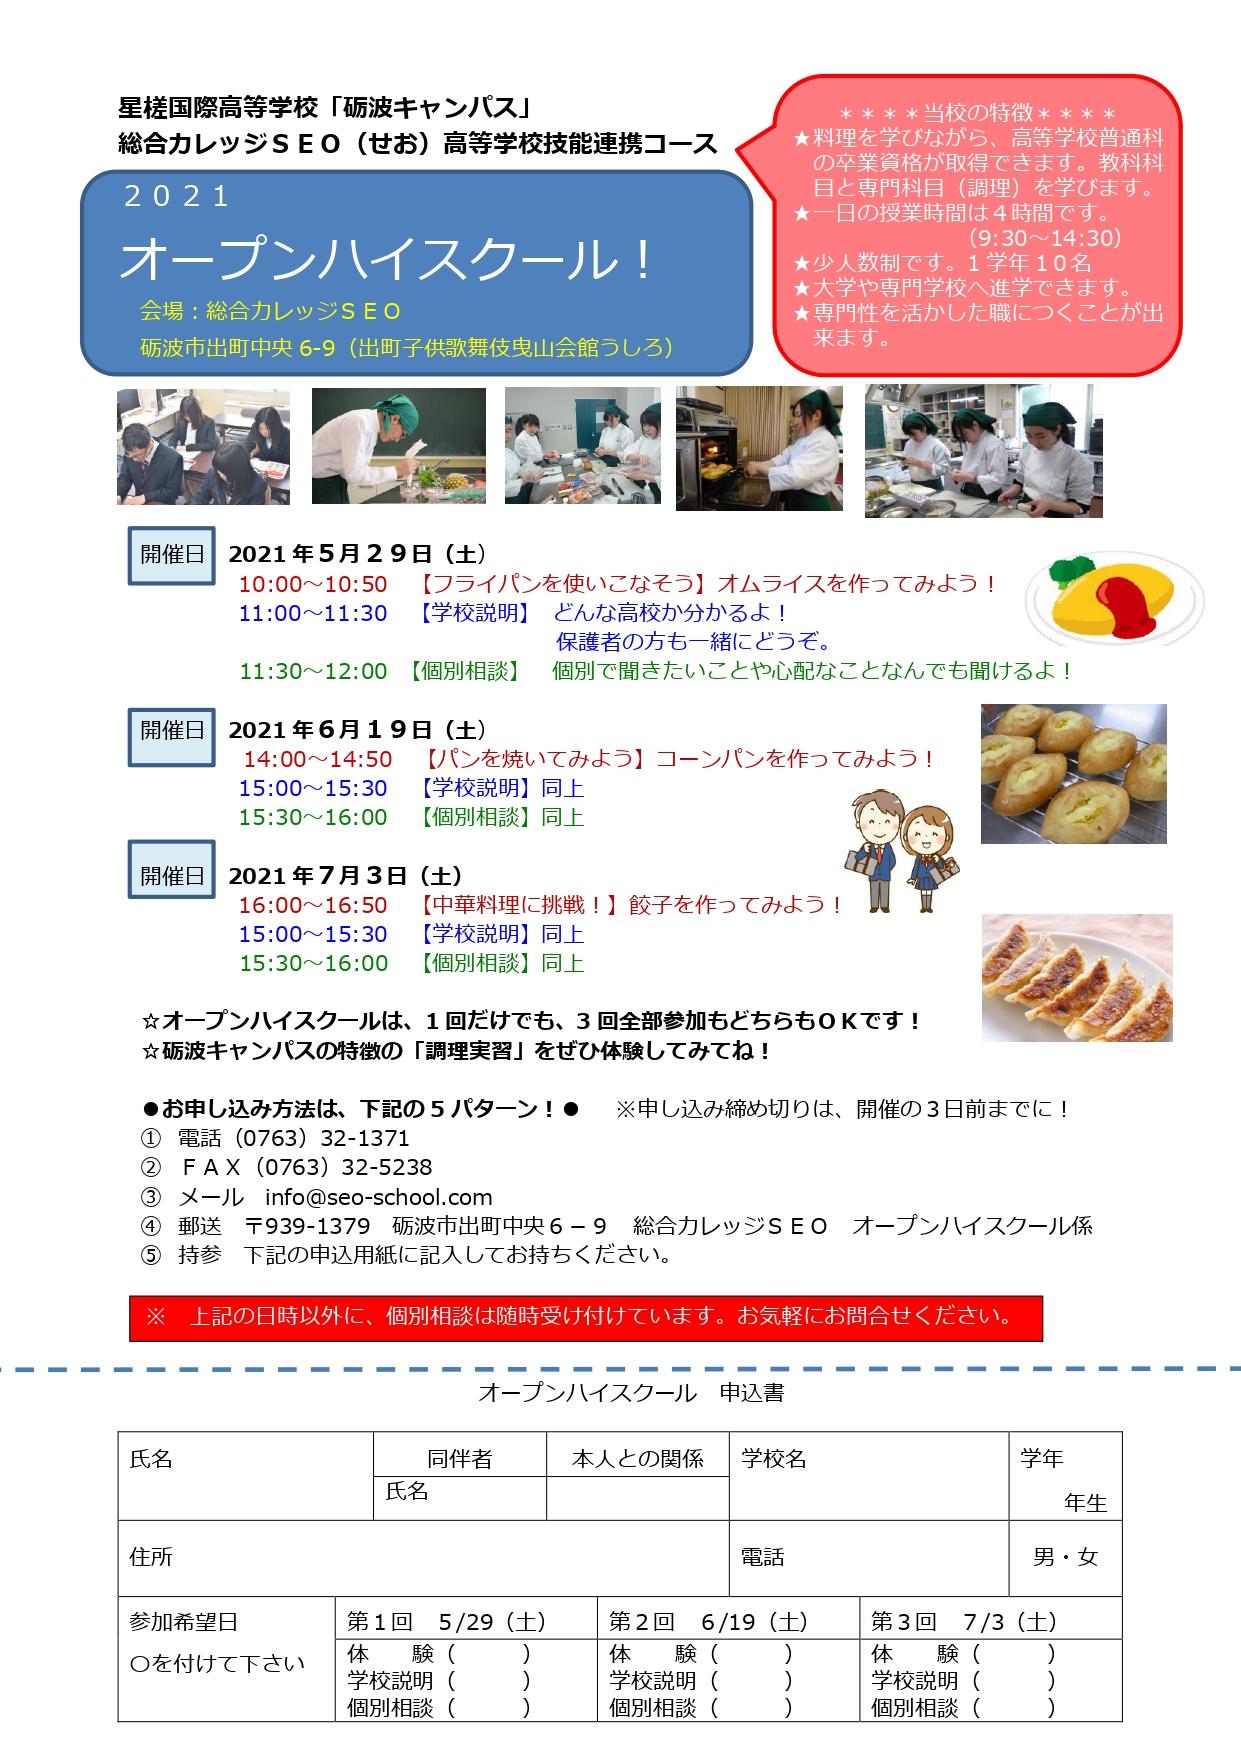 星槎国際高等学校オープンハイスクール2021 - コピー_page-0001